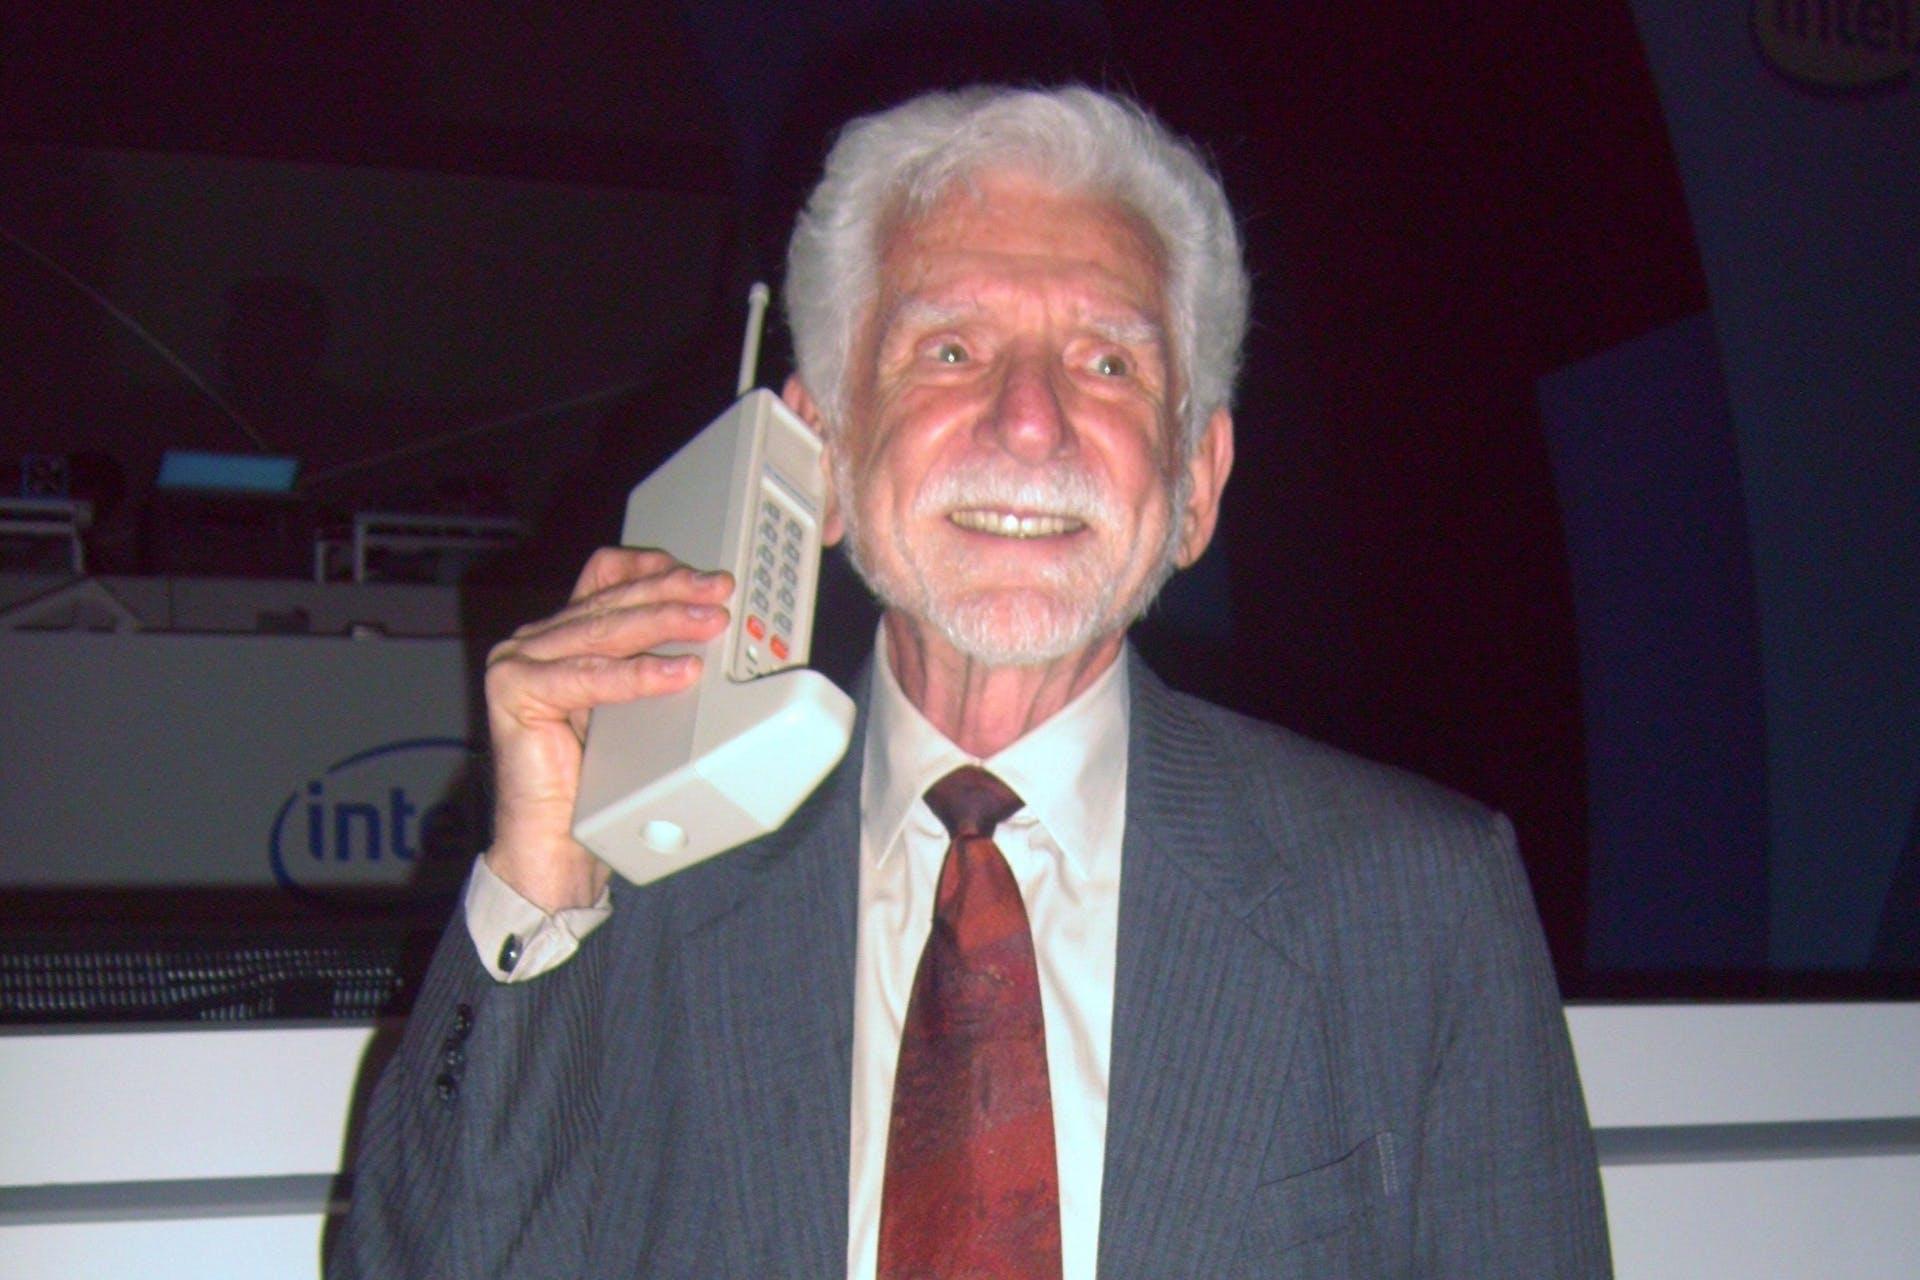 Hvem fant opp mobiltelefonen?